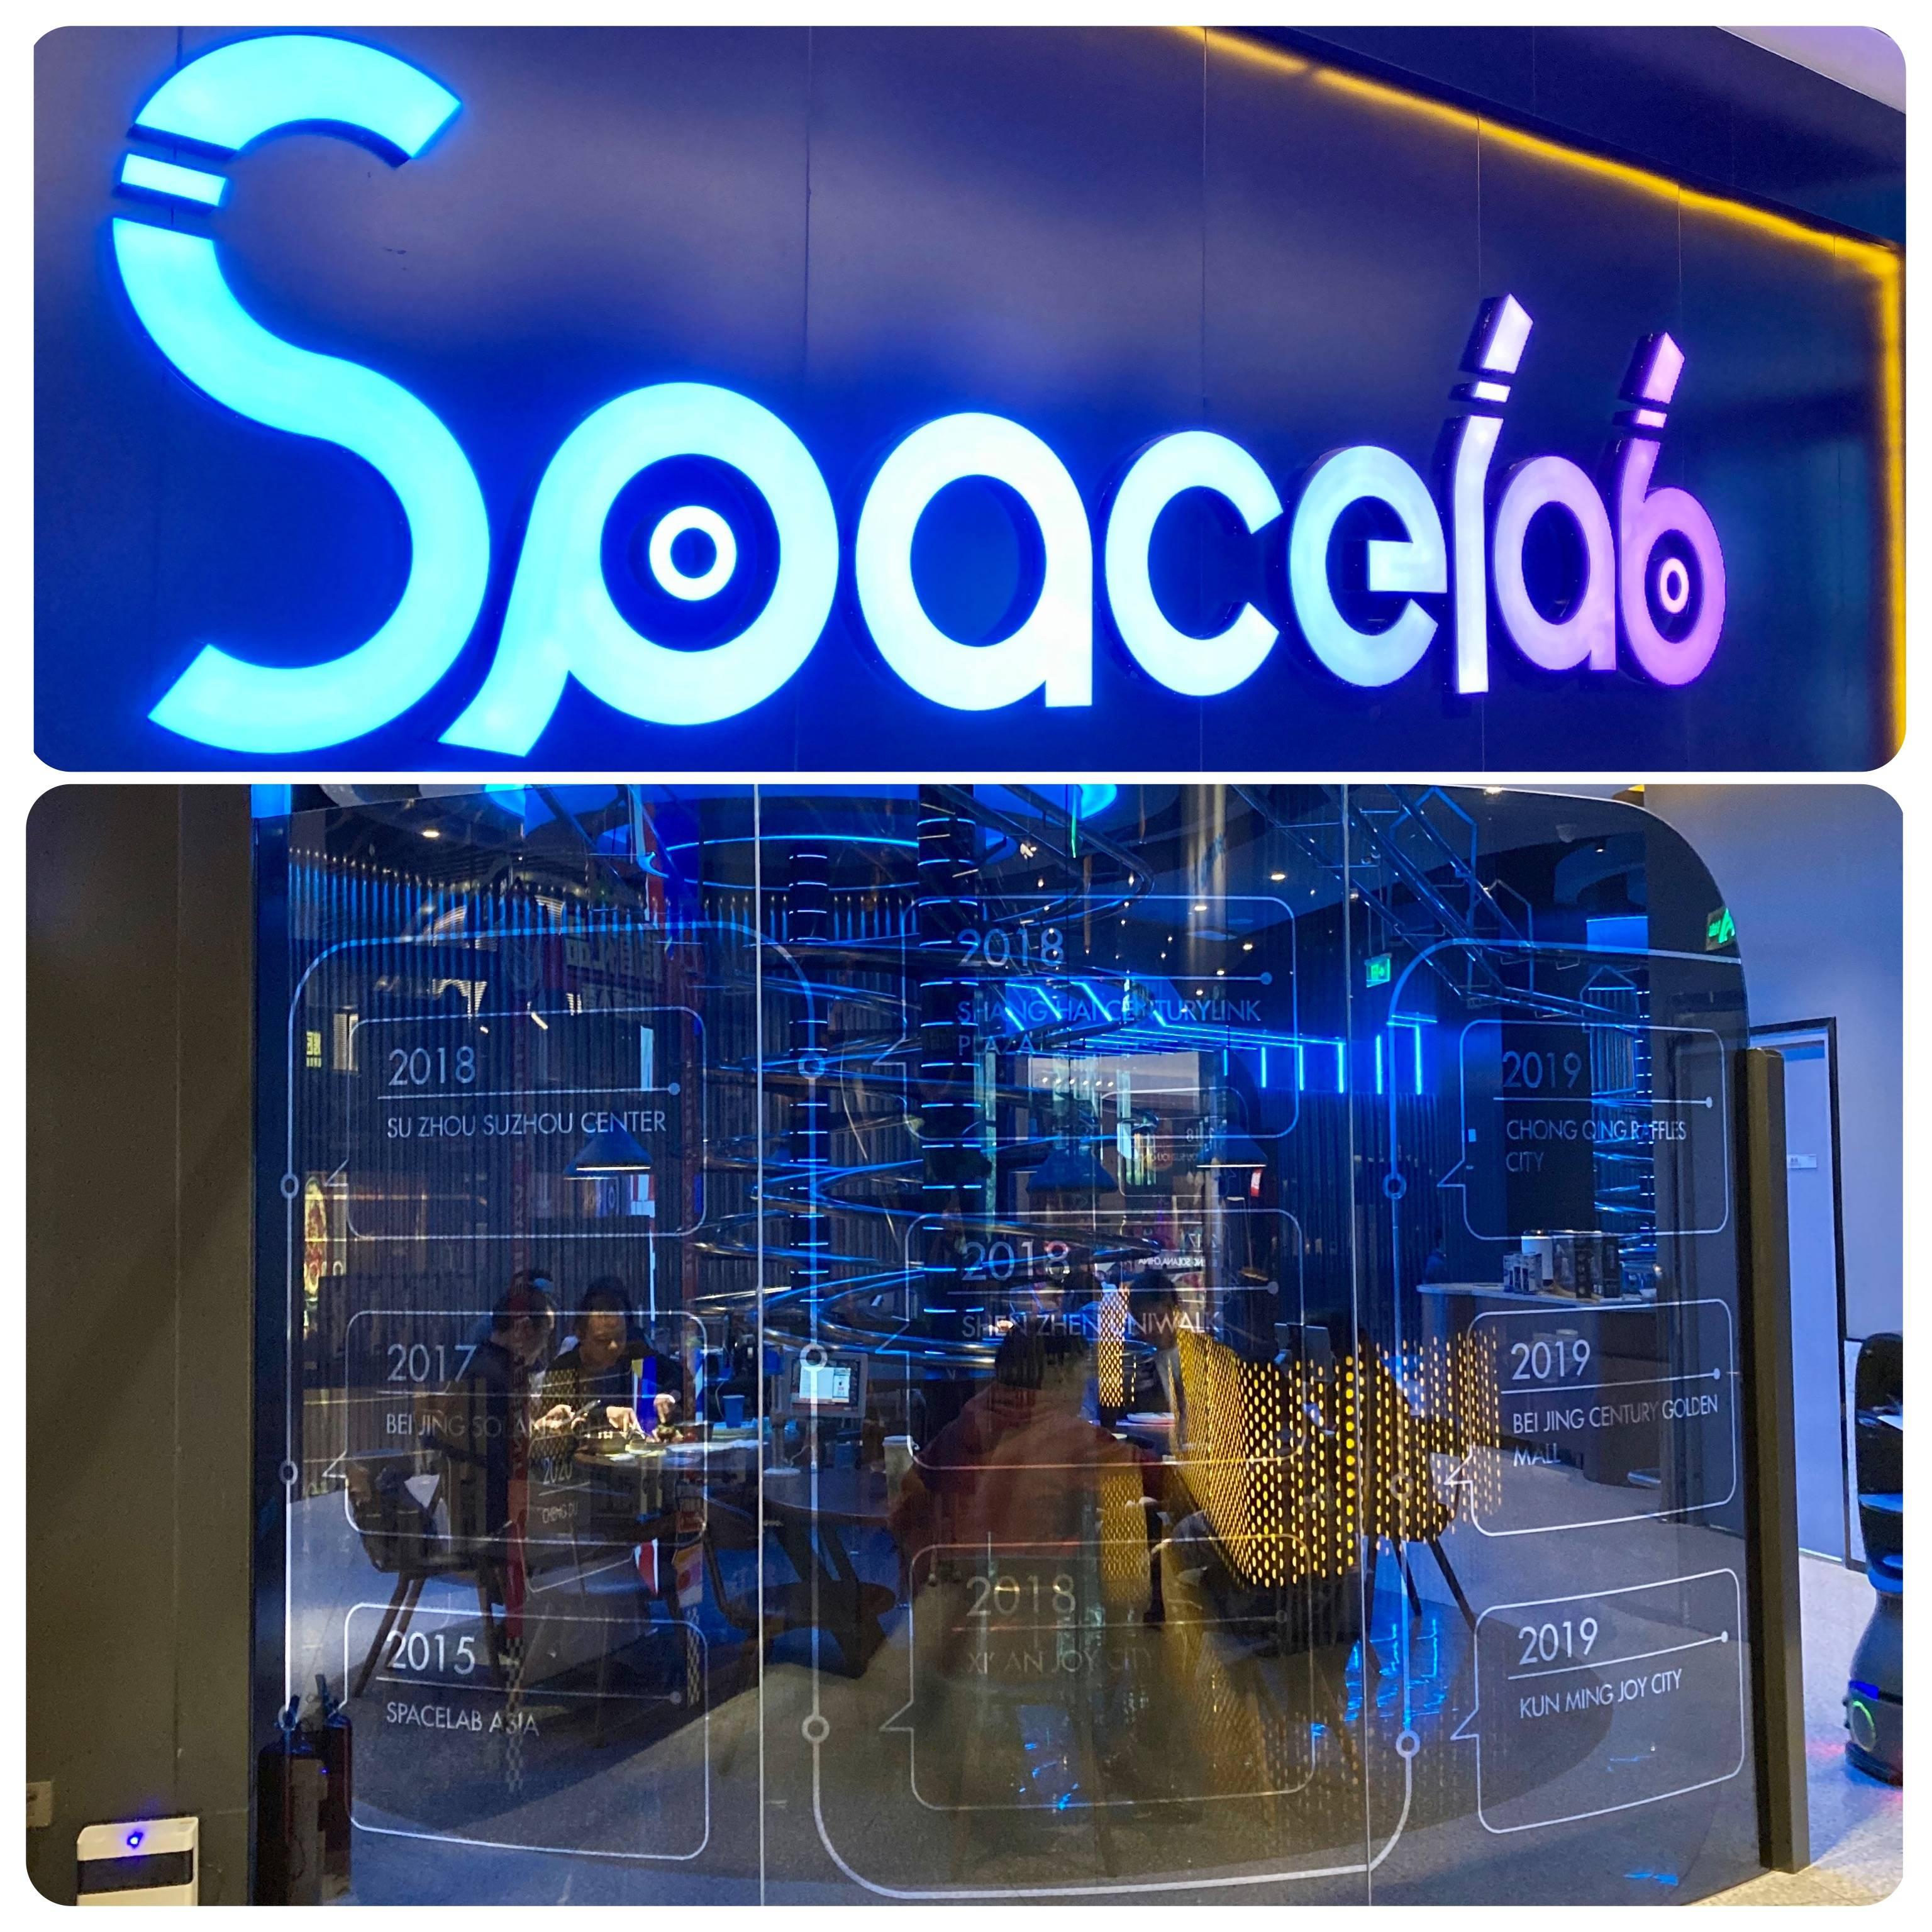 """Spacelab, saca """"WOWs!"""" dos clientes da entrada ao pagar da conta."""